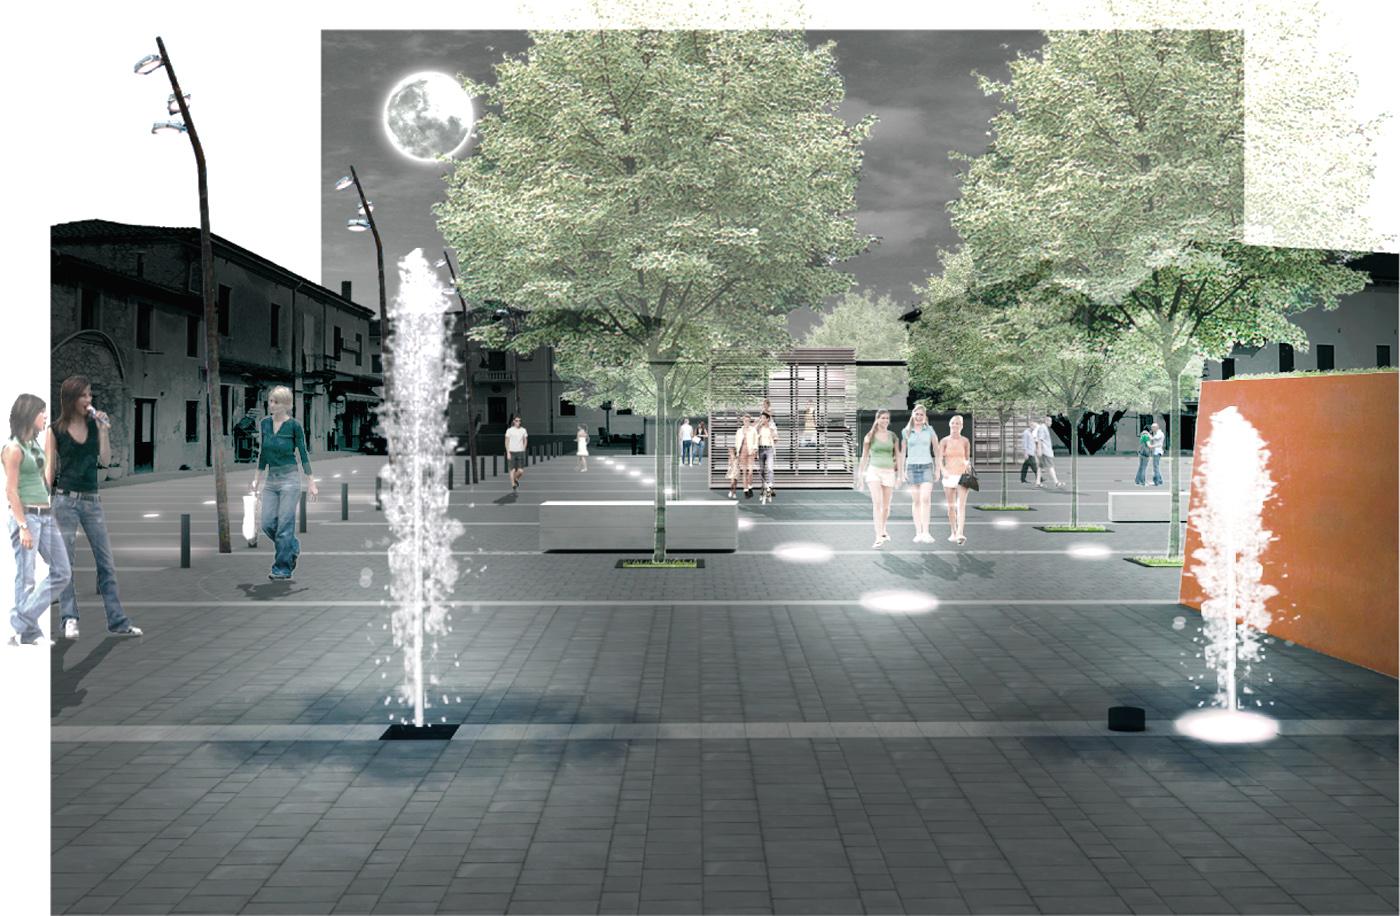 La nuova piazza di Asigliano Veneto, uno spazio pubblico tracciato dall'ombra a ricomporre i lembi sfrangiati del tessuto edilizio. Di notte | Bottega di Architettura